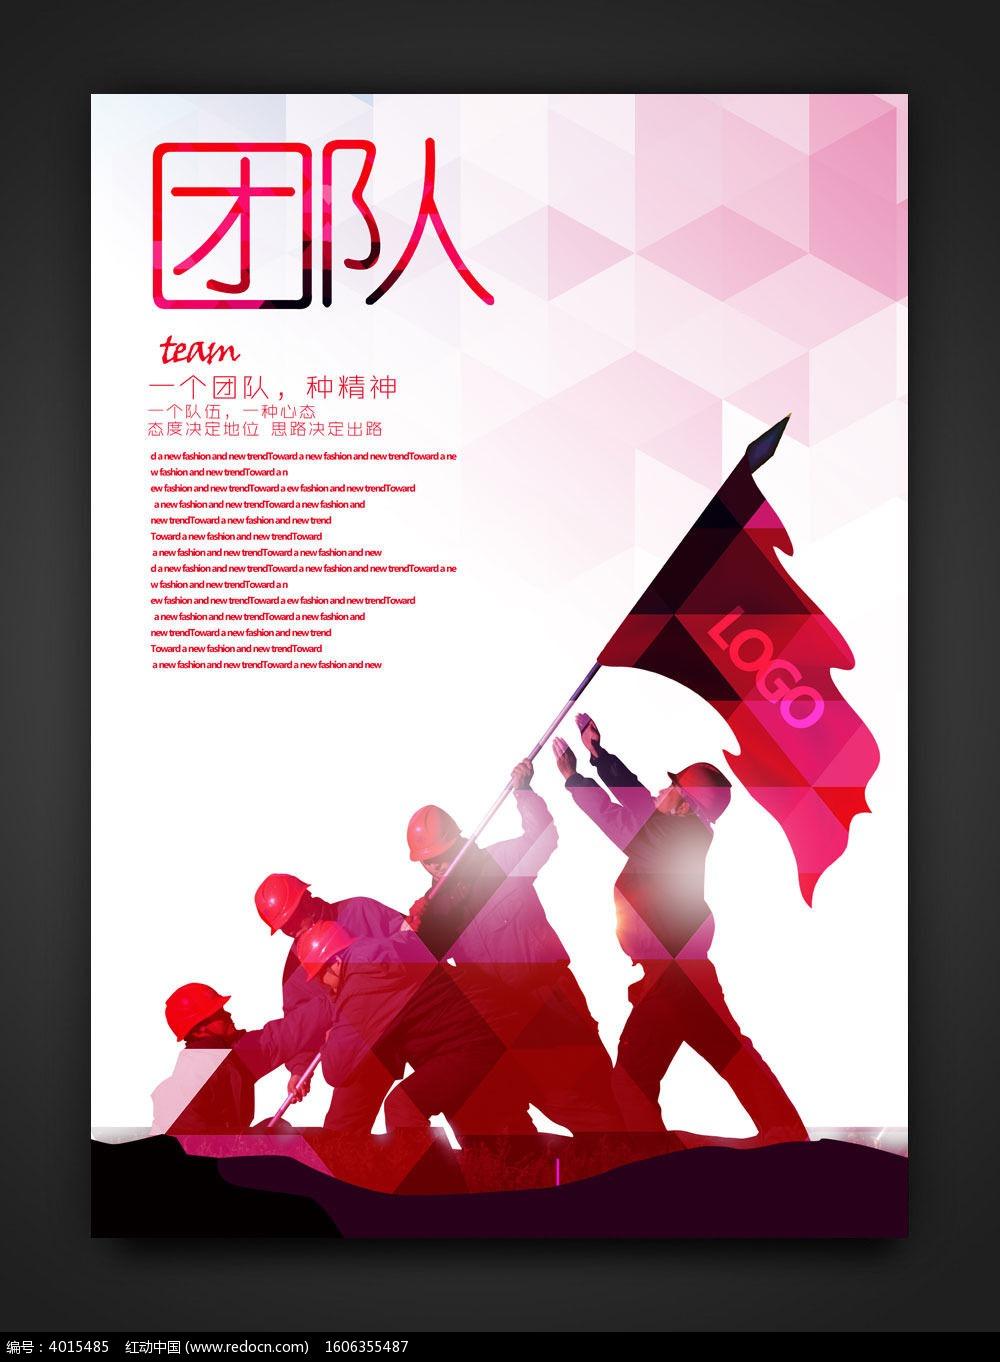 炫彩创意团队企业文化设计图片